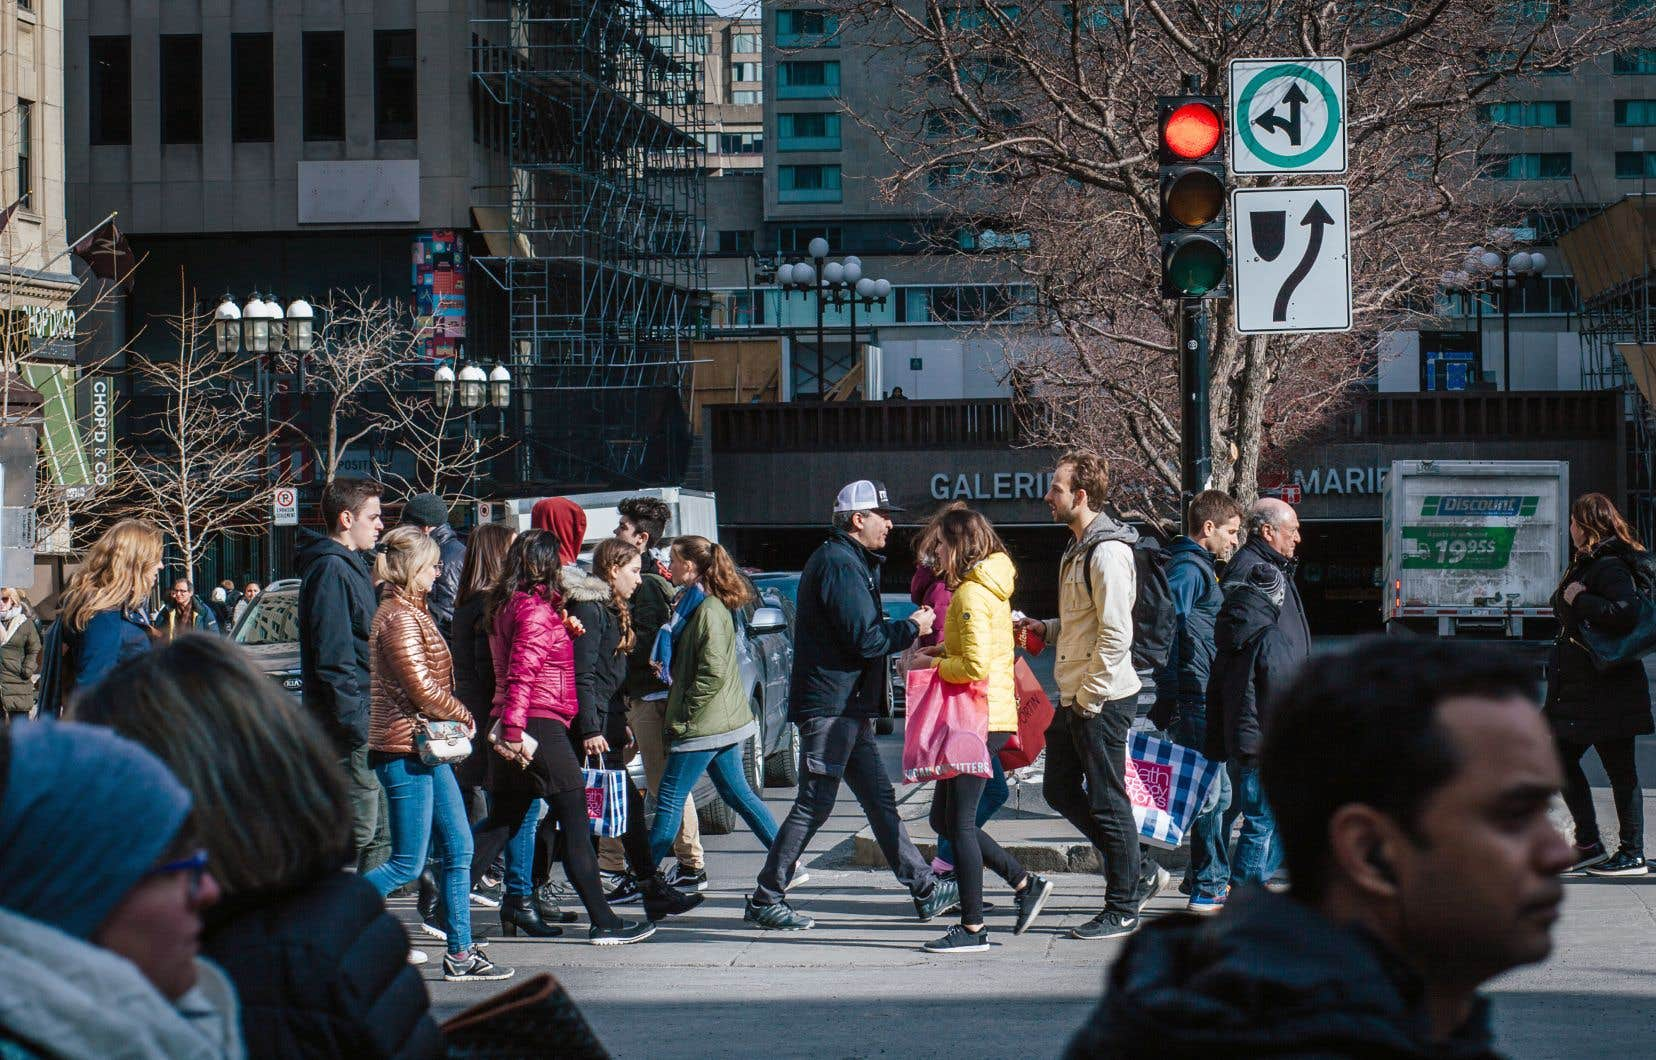 Entre 1986 et 2016, la proportion des immigrants s'établissant à Montréal a peu diminué, de 87,2% à 85,8%.